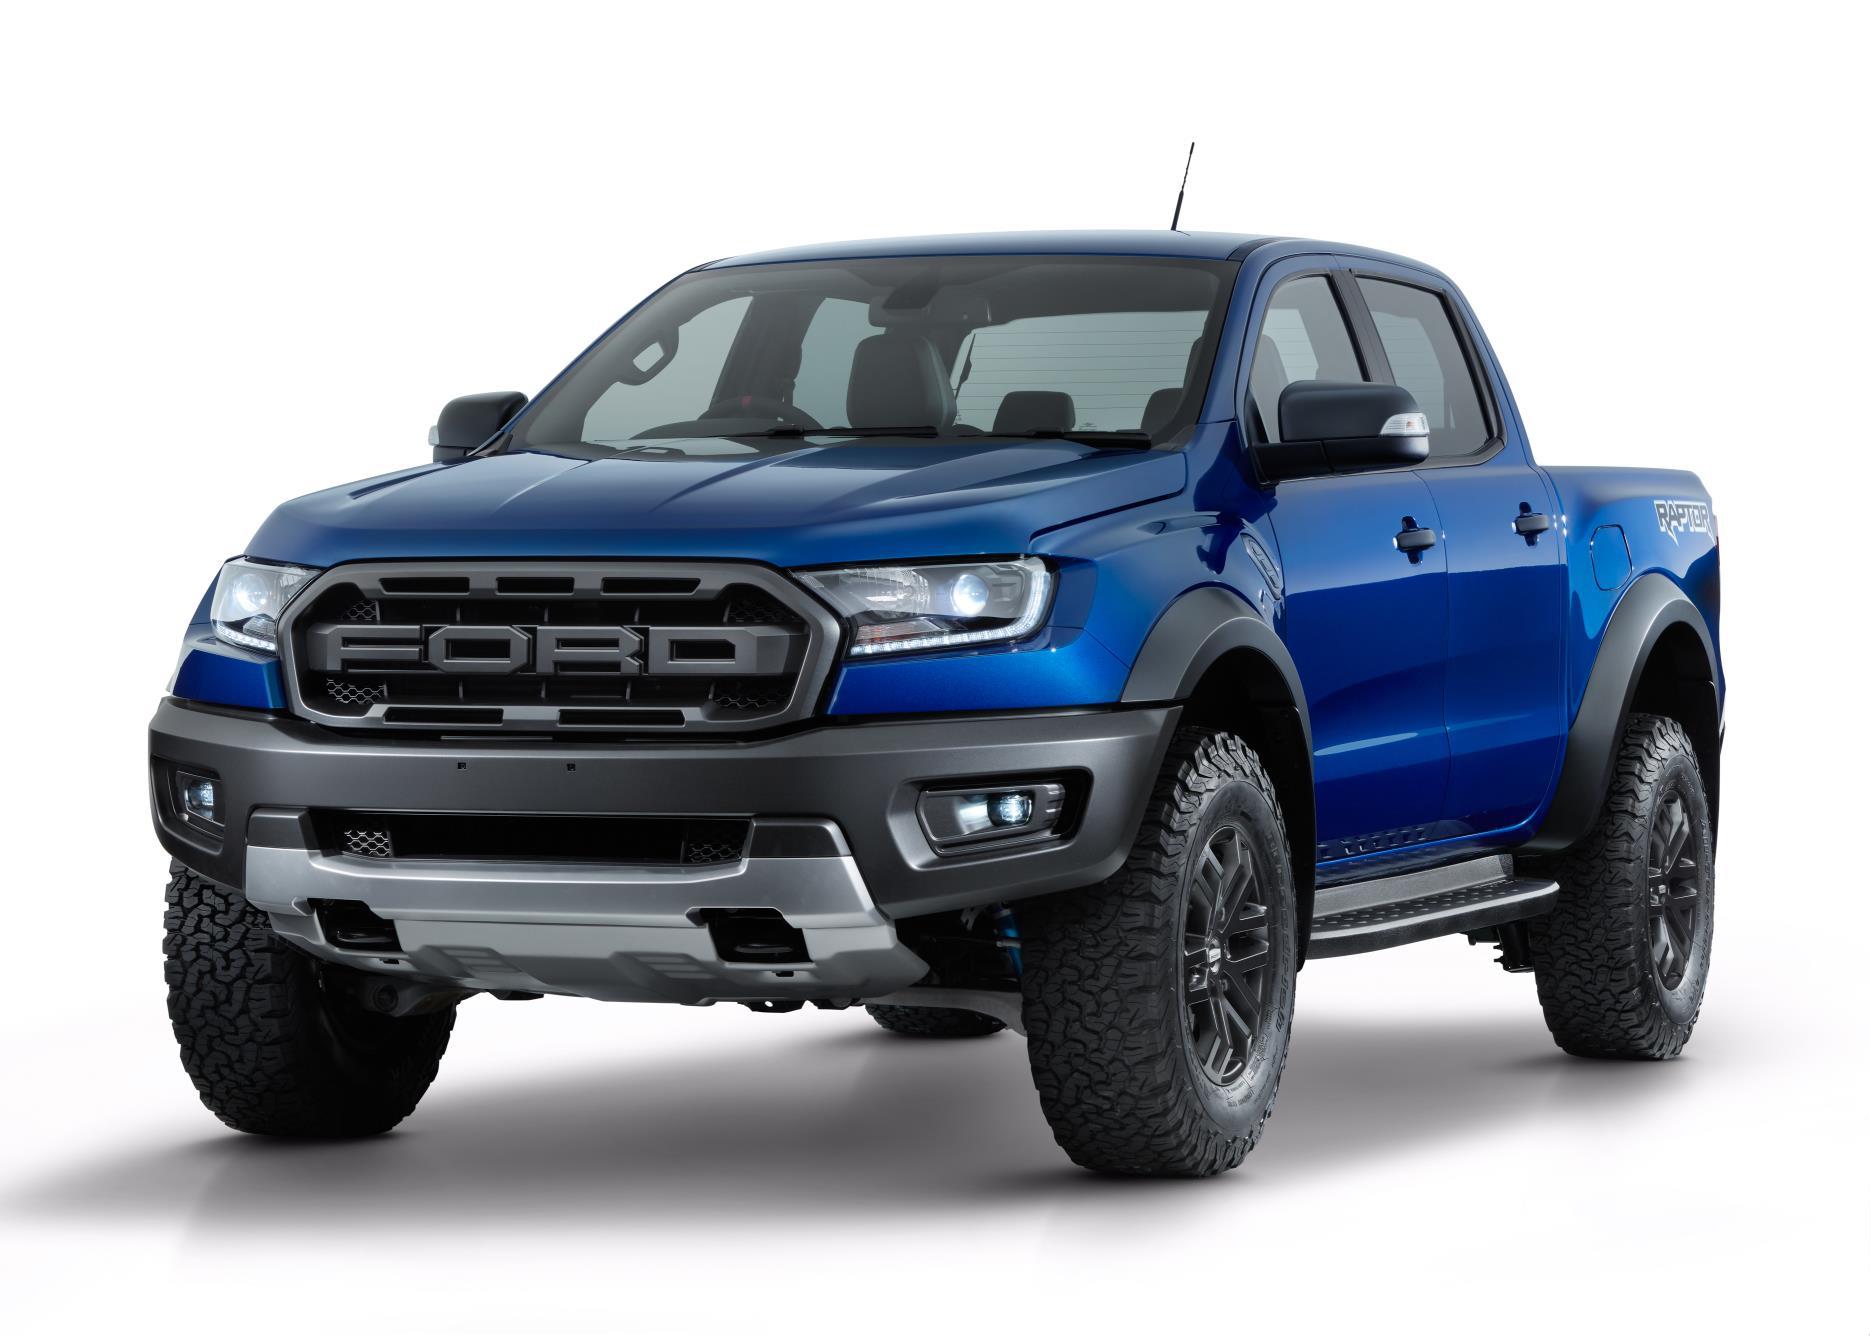 Ranger Raptor Pricing: $74,990